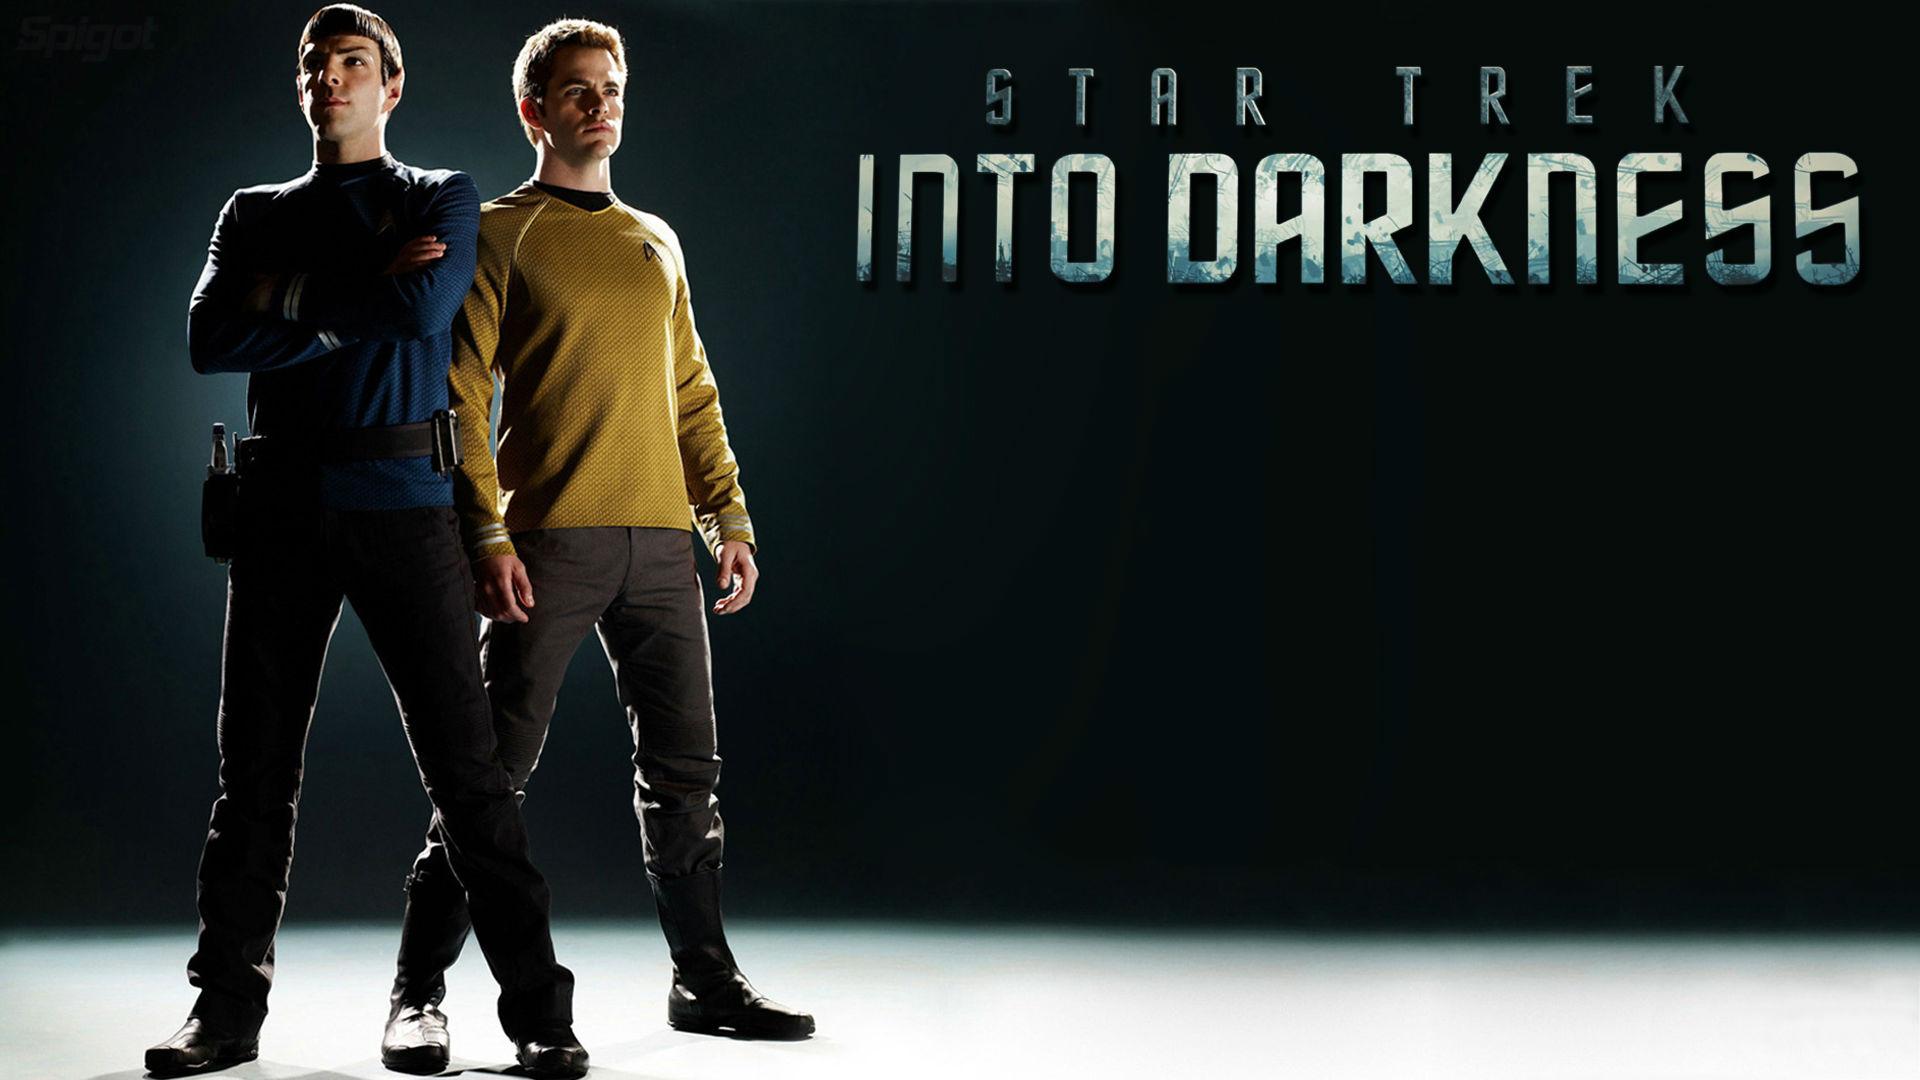 Star Trek Into Darkness Wallpaper 7